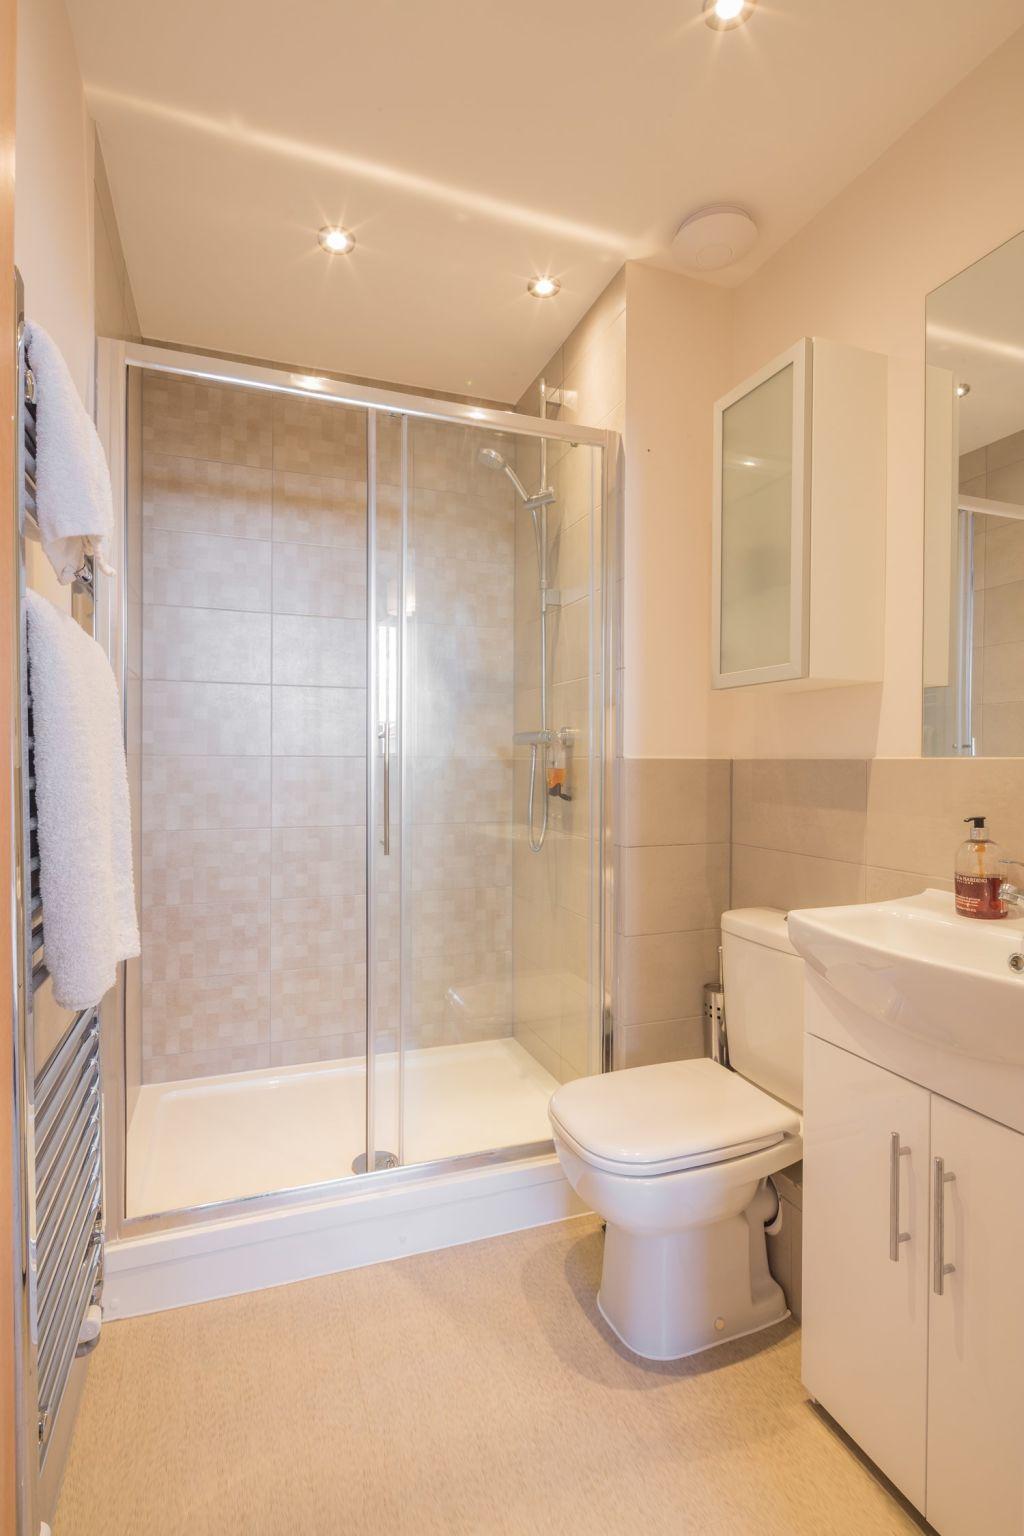 image 8 furnished 2 bedroom Apartment for rent in Stevenage, Hertfordshire